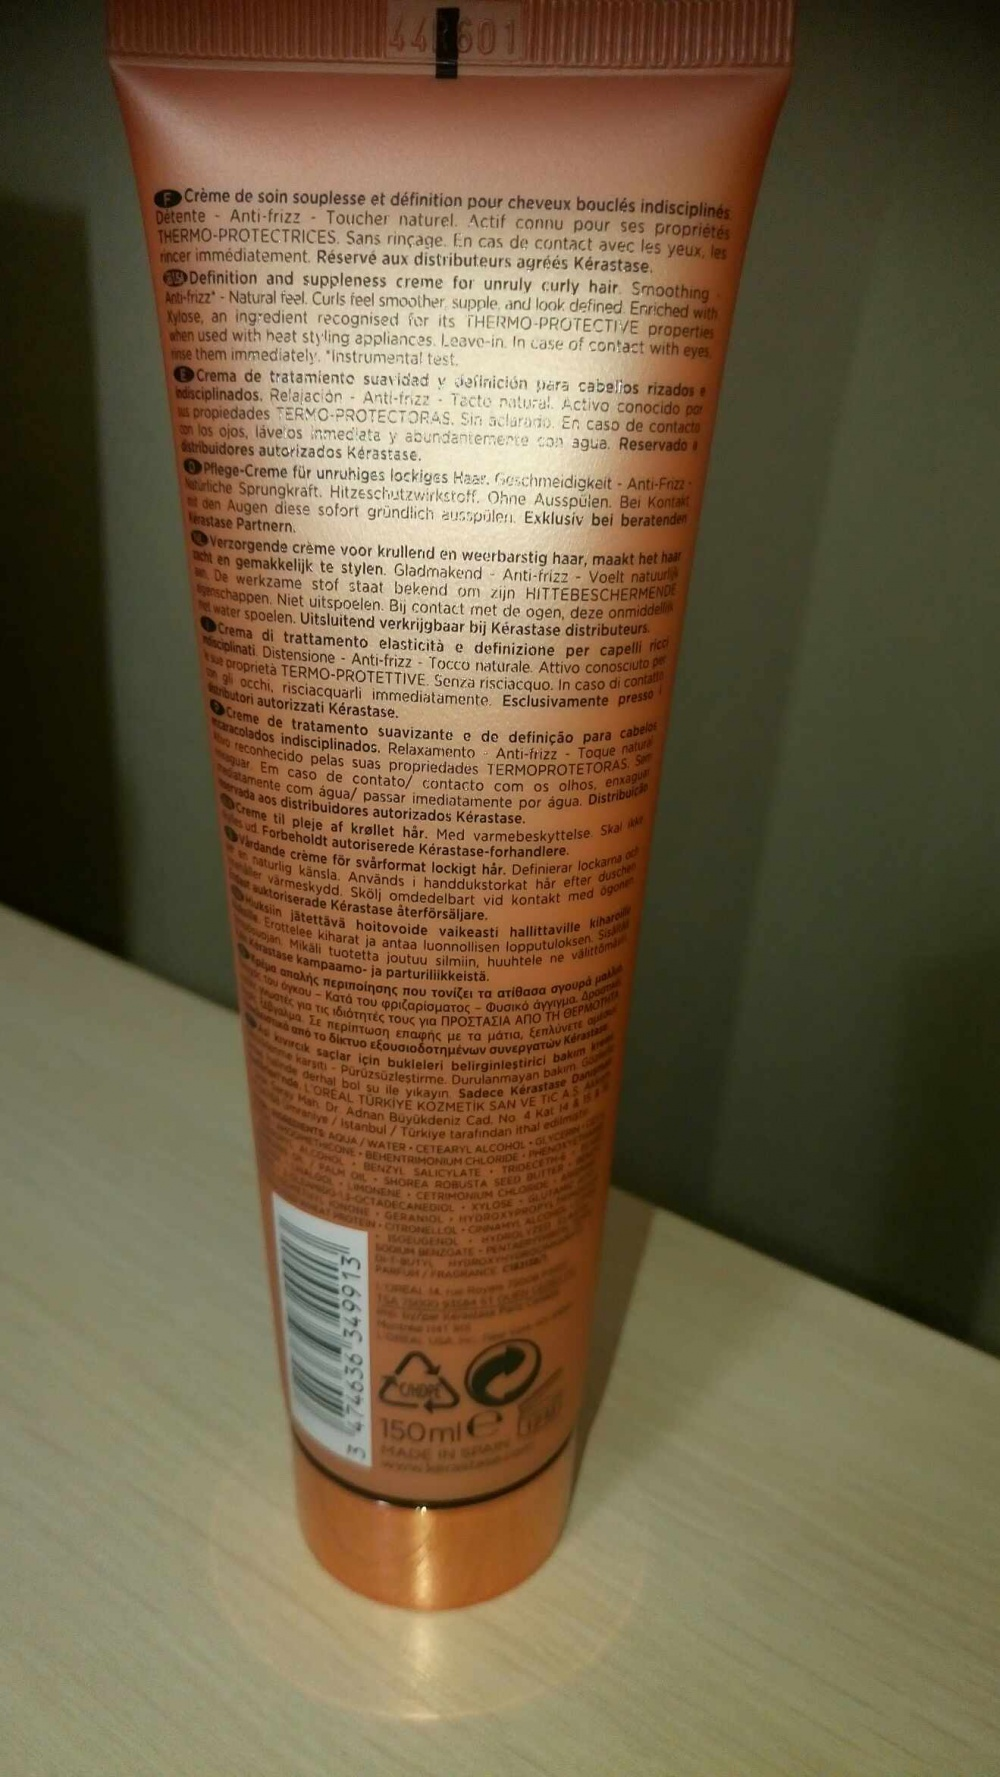 Крем Kerastase для облегчения укладки 150 ml